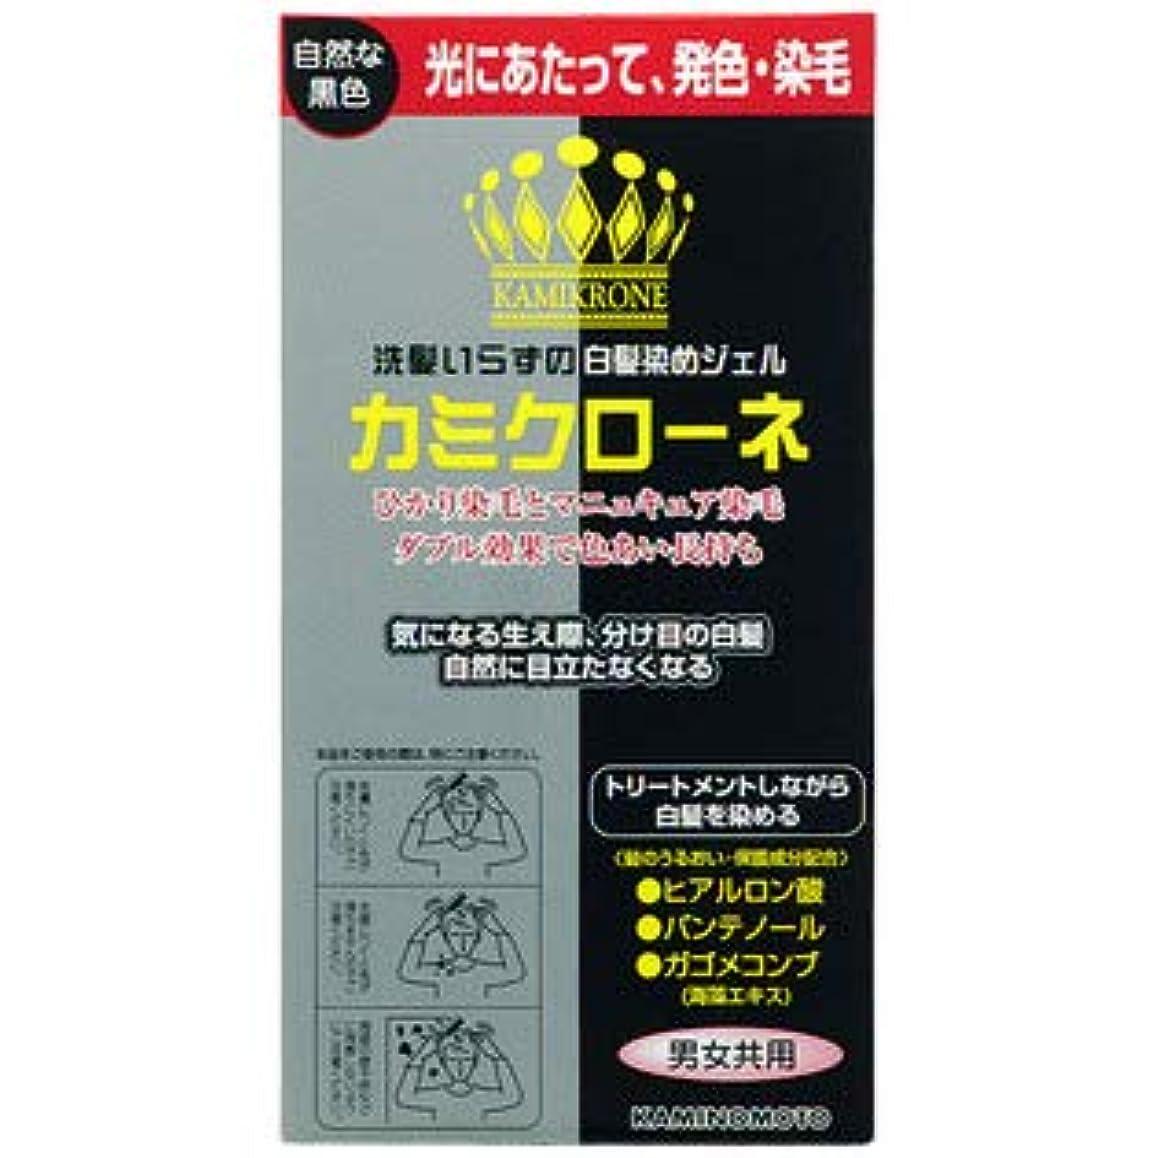 結晶キルトスロープ【3個】 加美乃素 カミクローネ 自然な黒色 80mlx3個 (4987046820013)